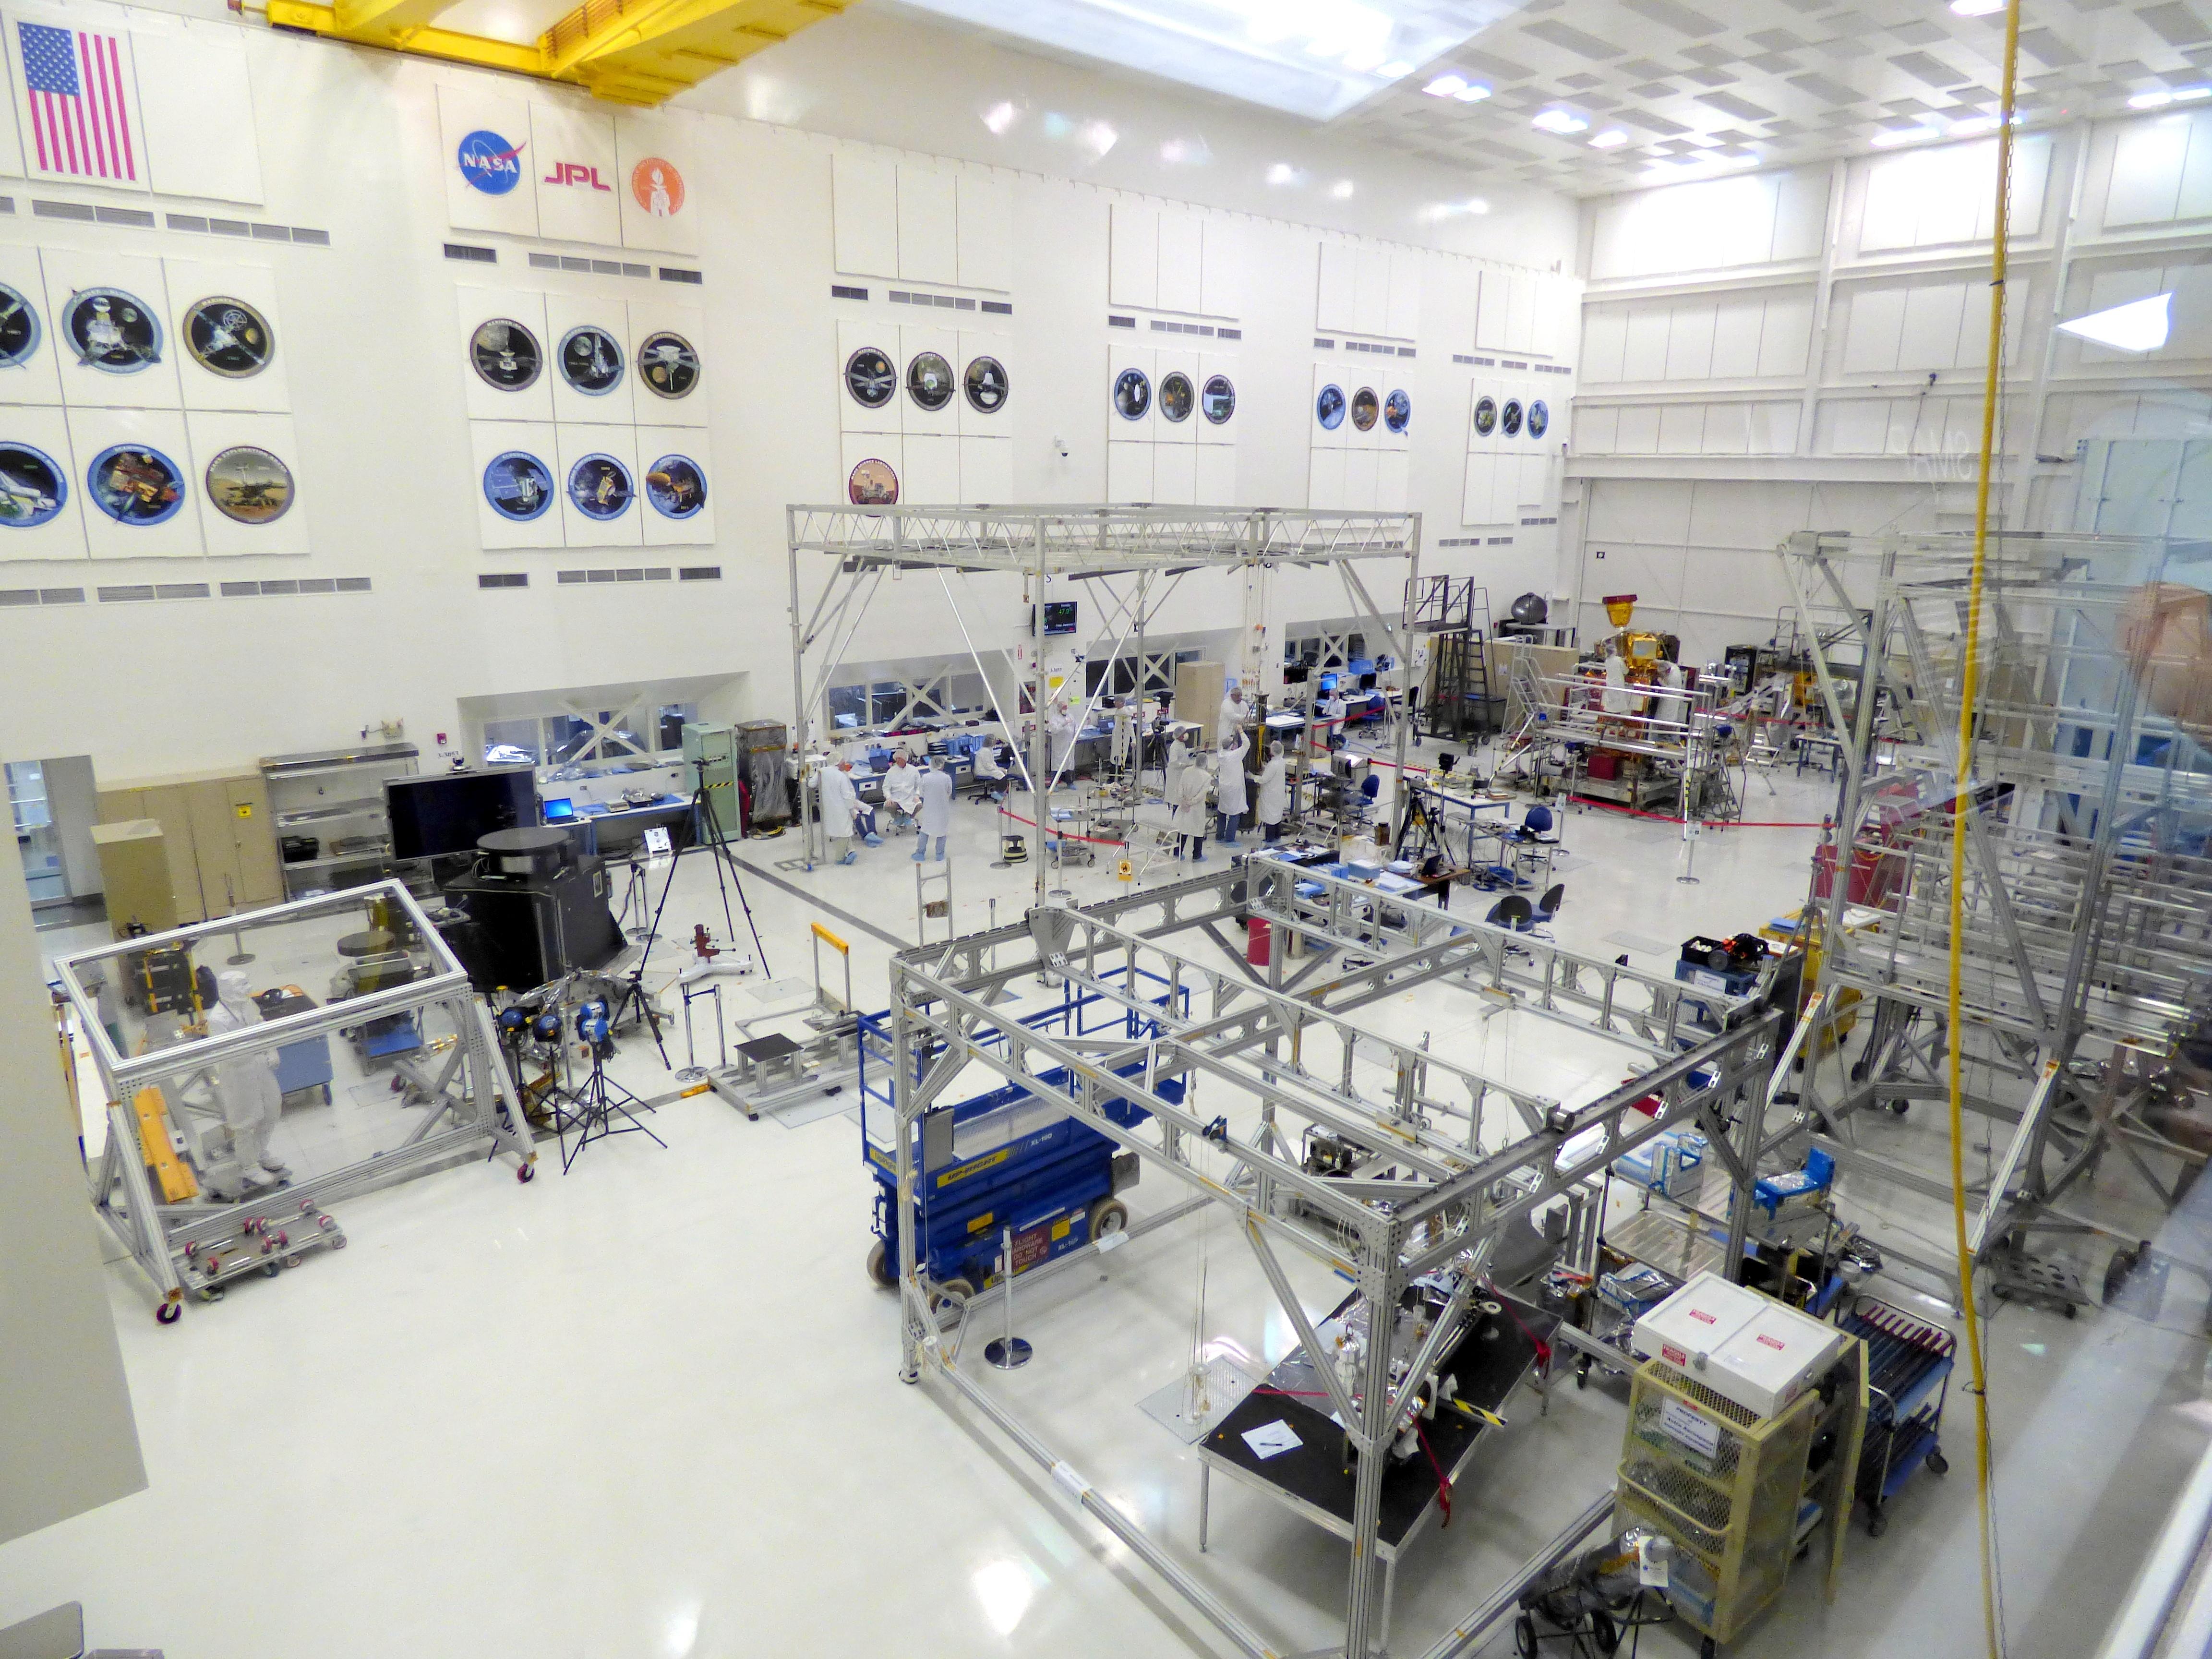 Collaboration at NASA